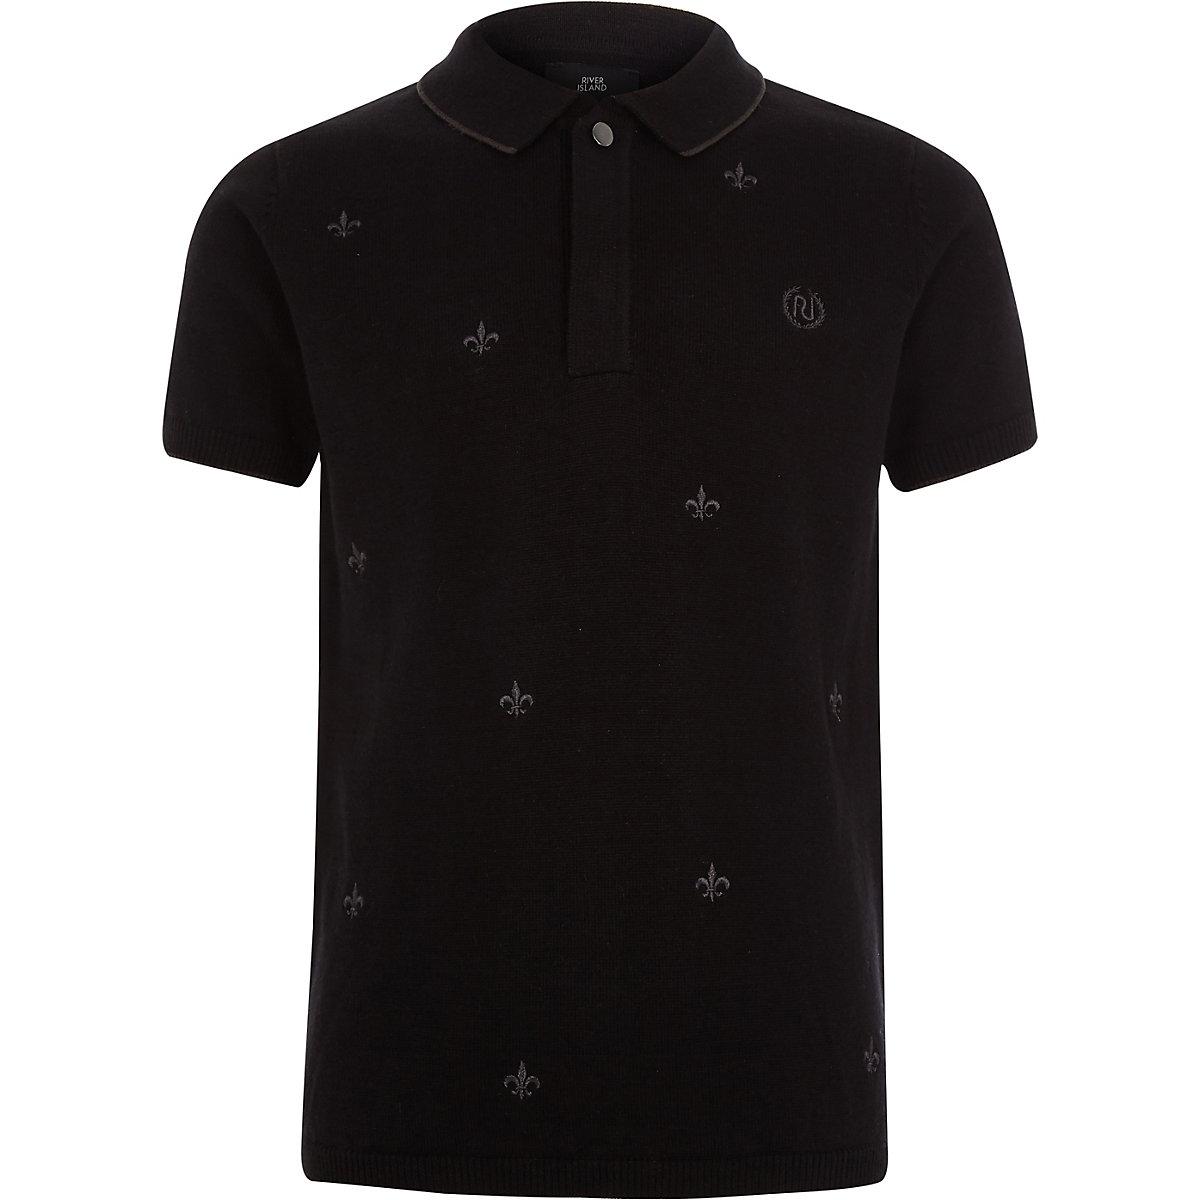 Boys black Fleur De Lis embroidery polo shirt